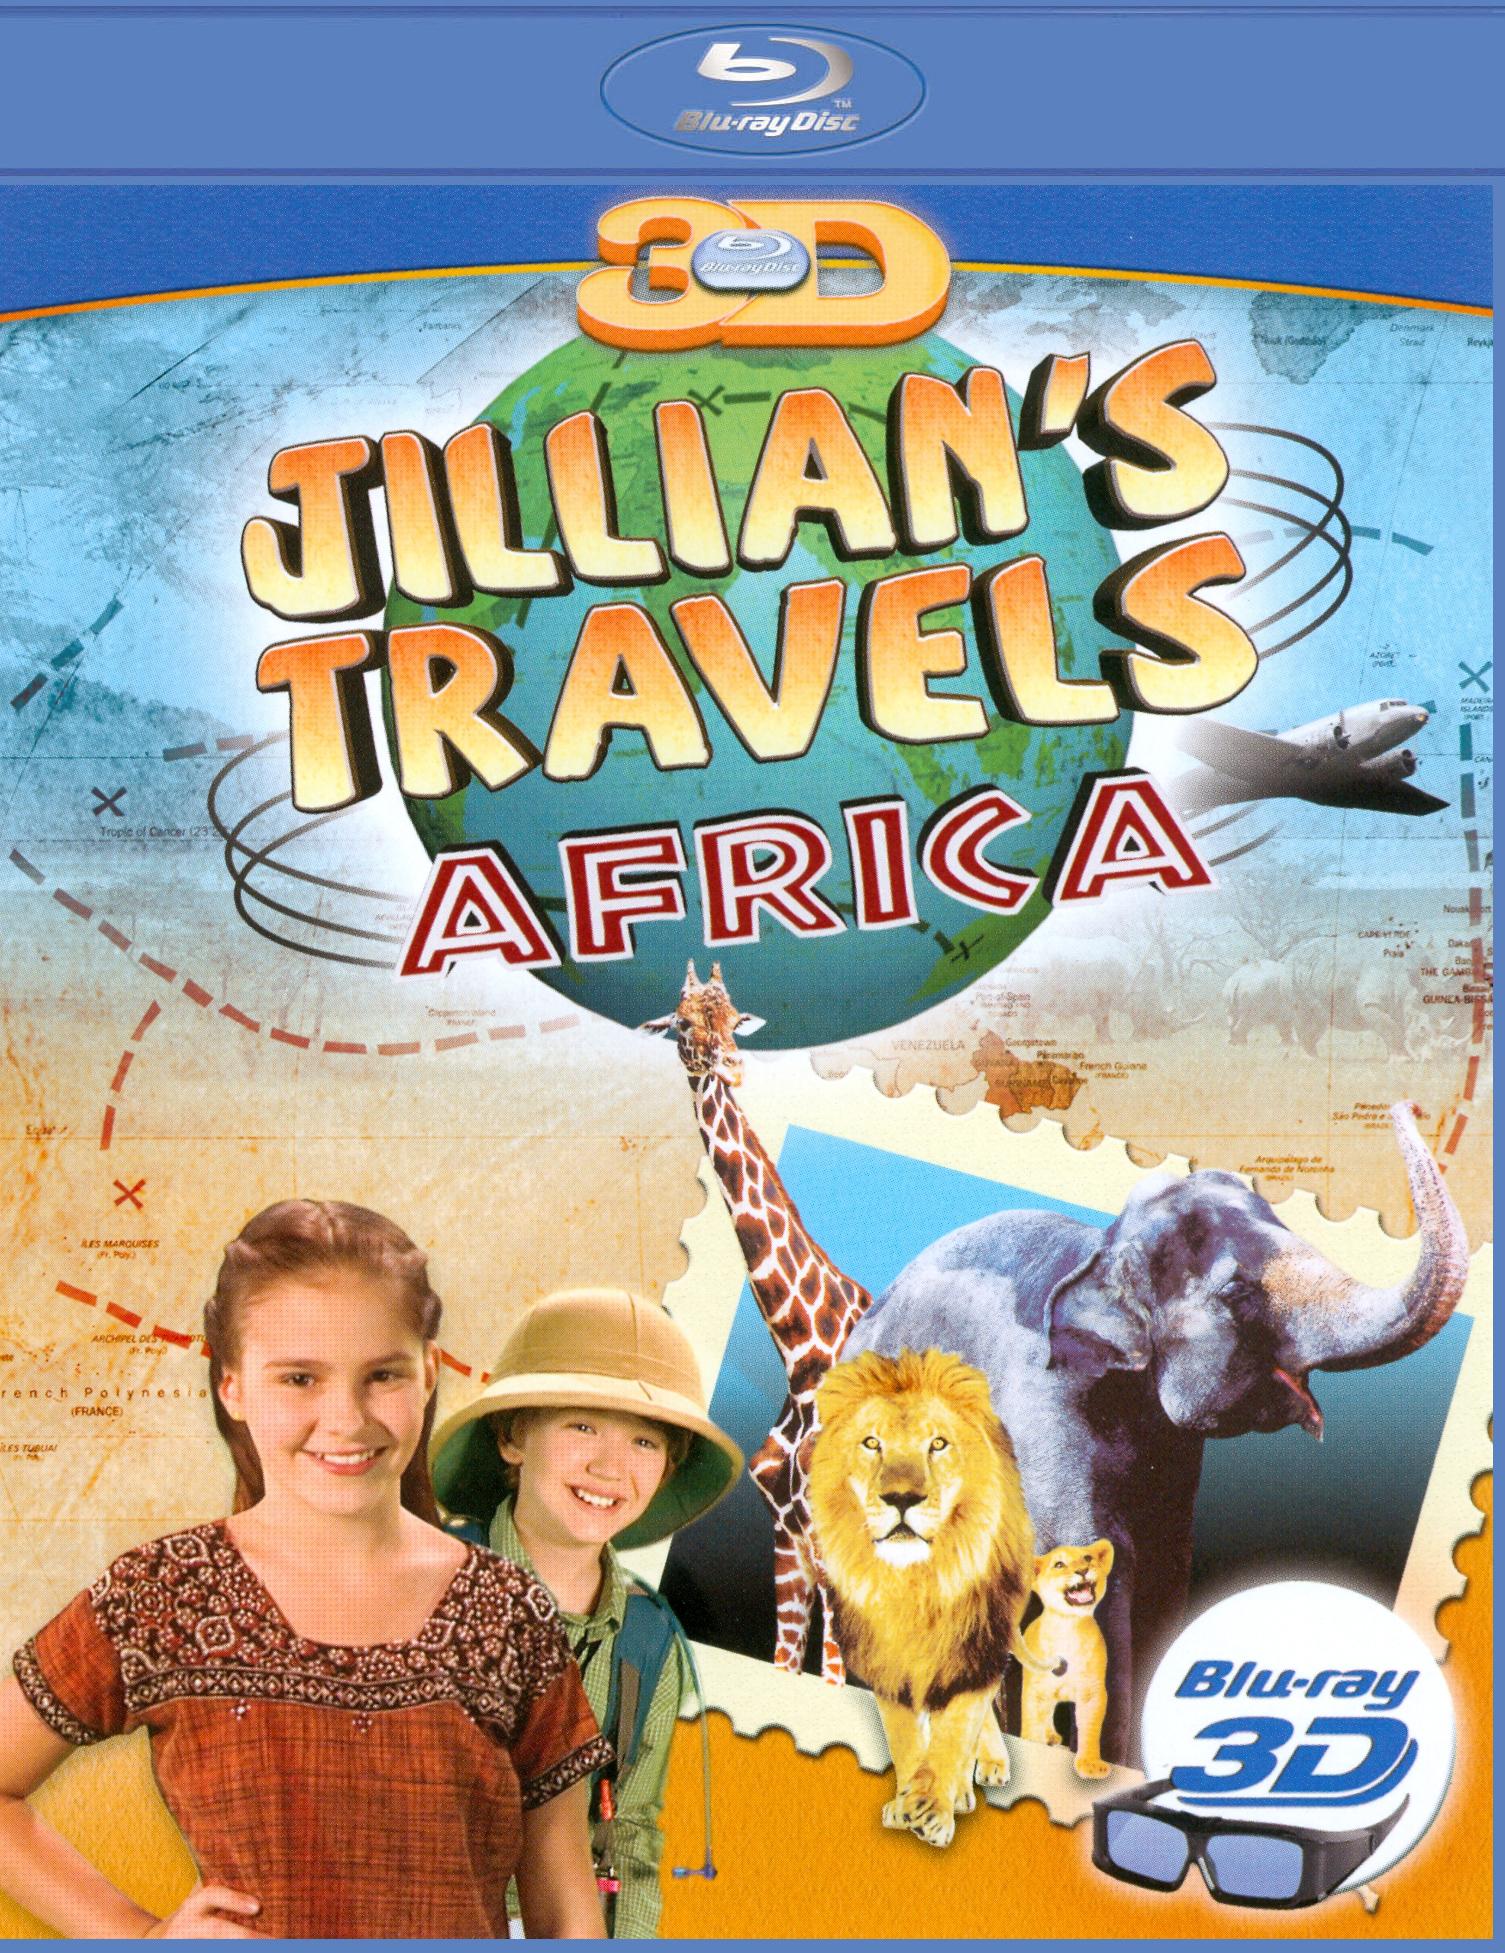 Jillian's Travels: Africa in 3D